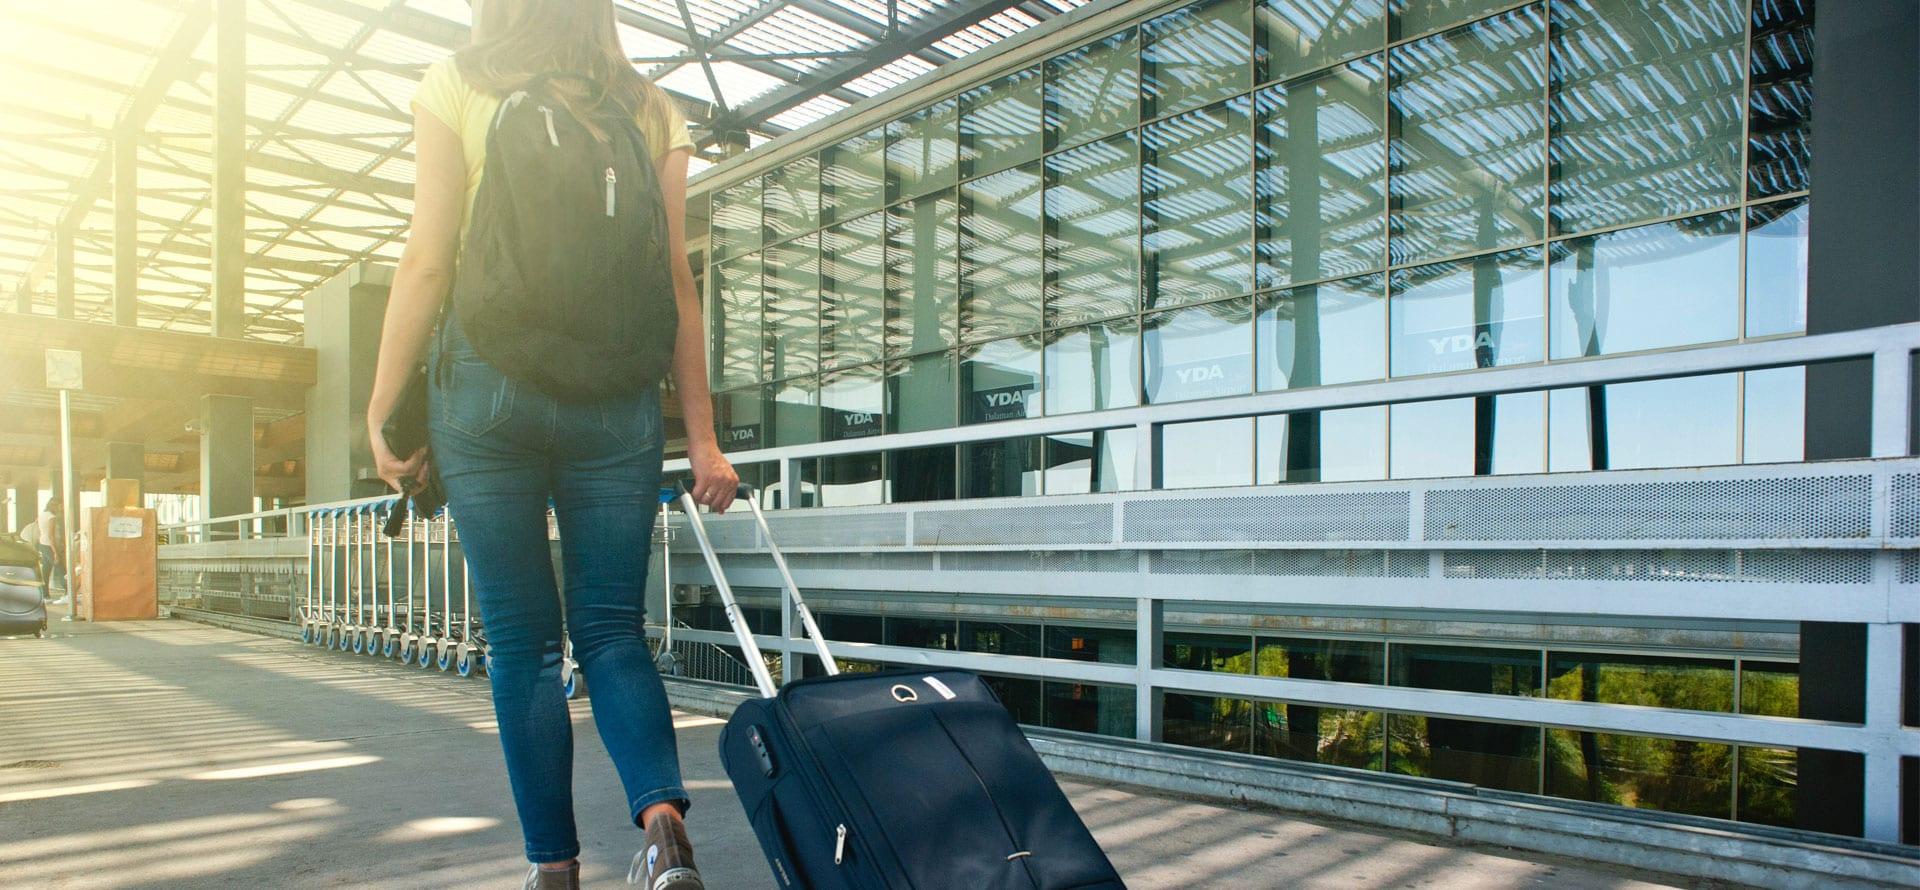 Imagen panorámico que muestra una estudiante viajando de intercambio con la Academia Alemana Deutsch en Bogotá